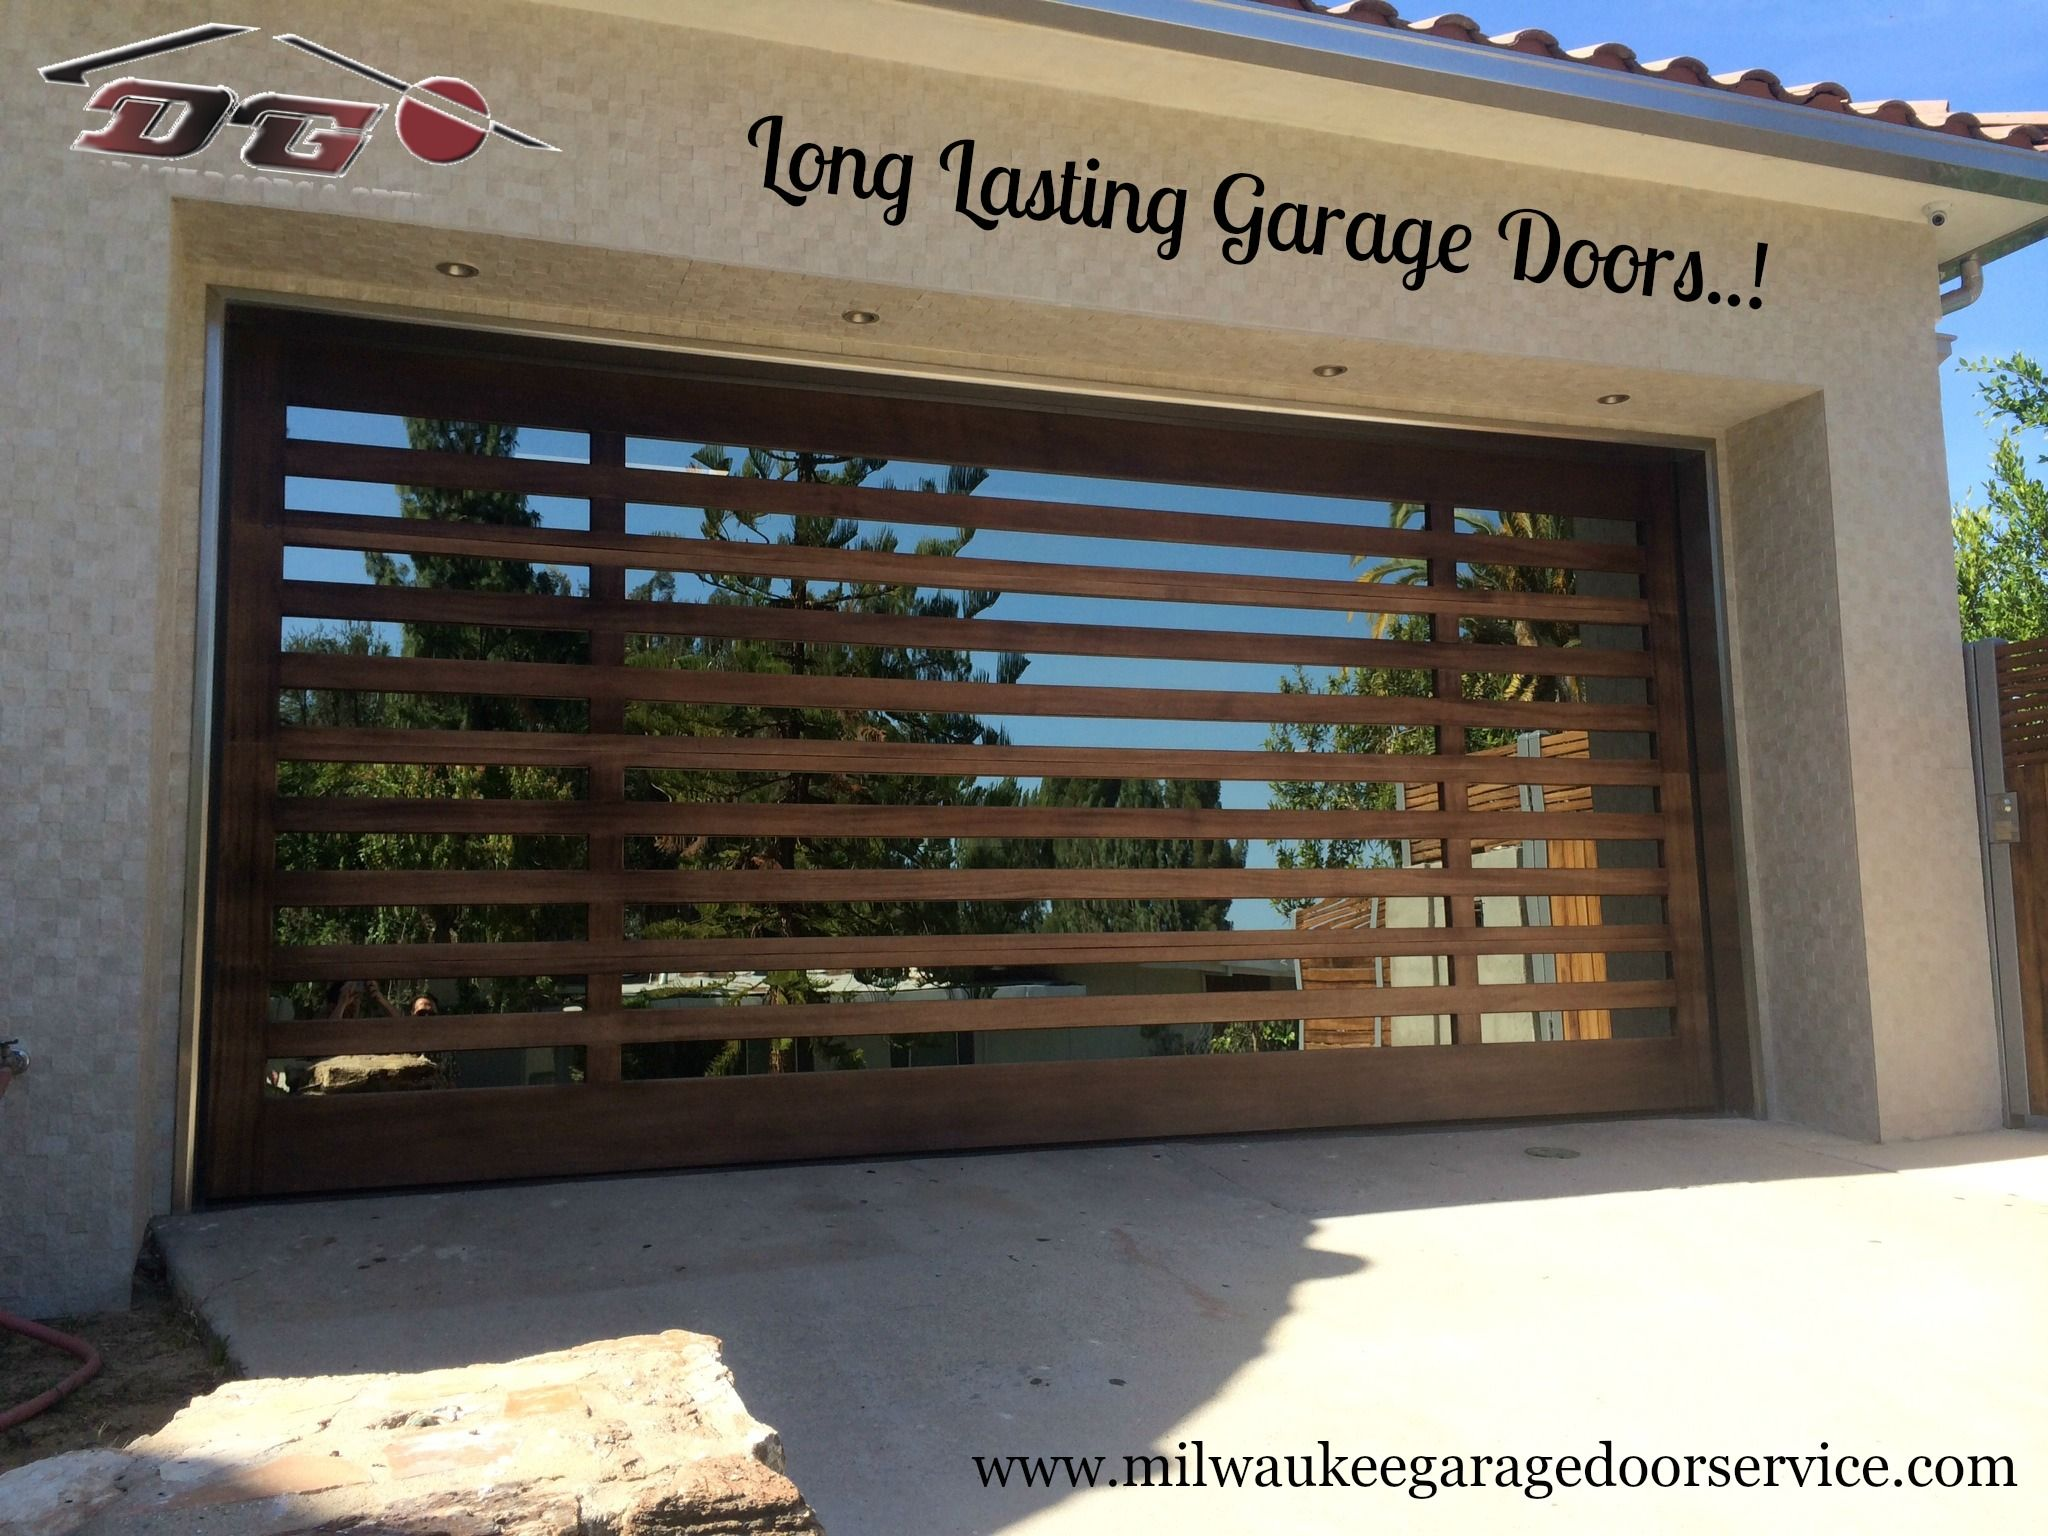 http://milwaukeegaragedoorservice.com/ - Find Garage Door Contractors in Milwaukee, We avail you to Install or Supersede a Garage Door Opener. Visit us anon.